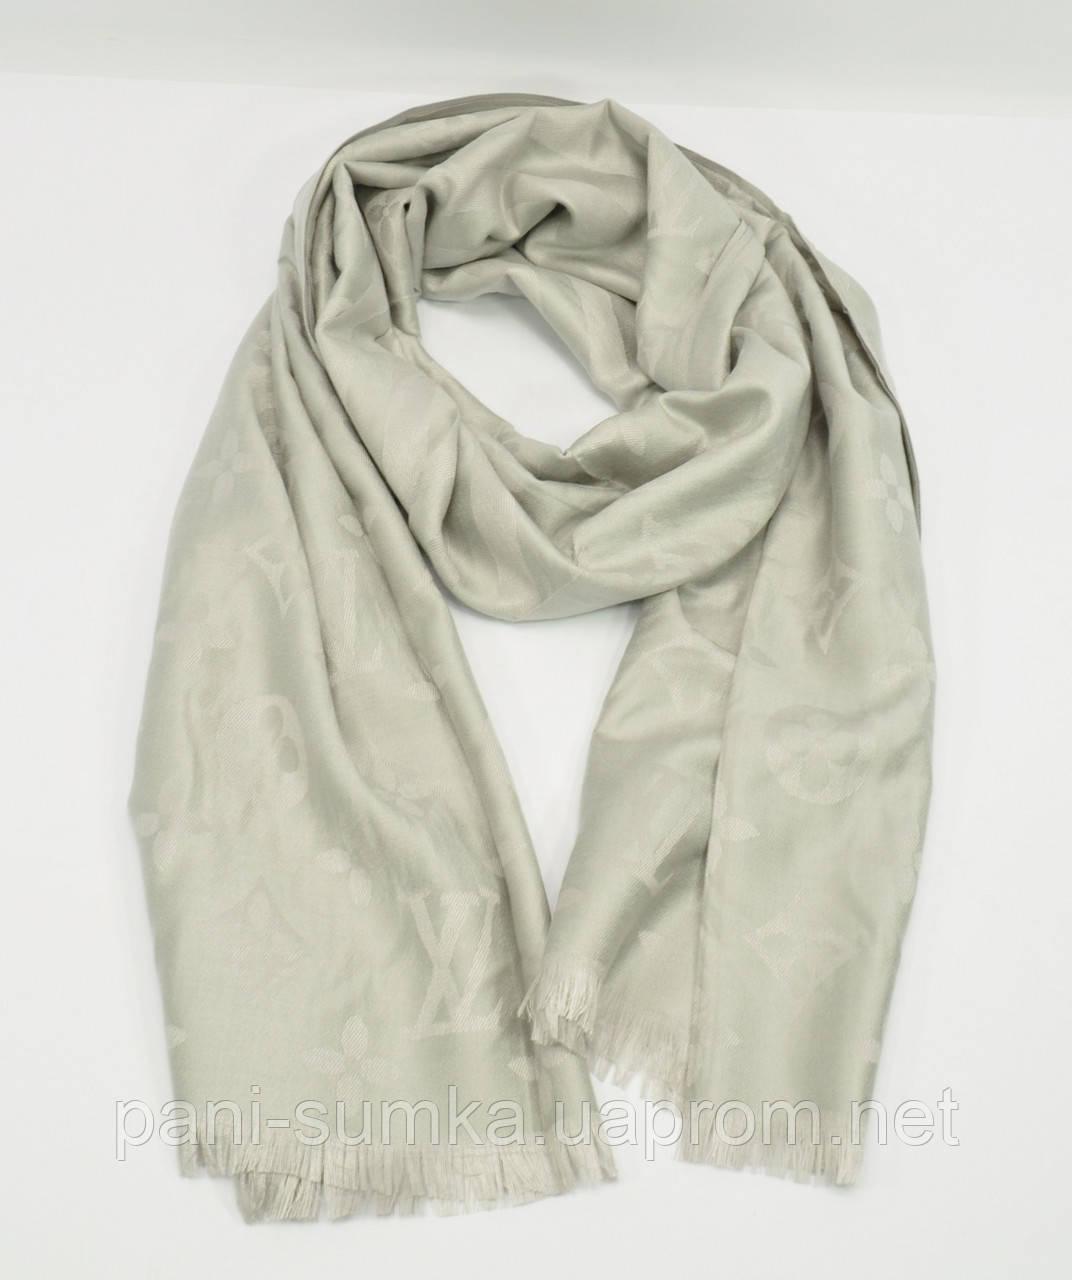 Кашемировый палантин Louis Vuitton серебристый двусторонний  продажа ... b59044331b4